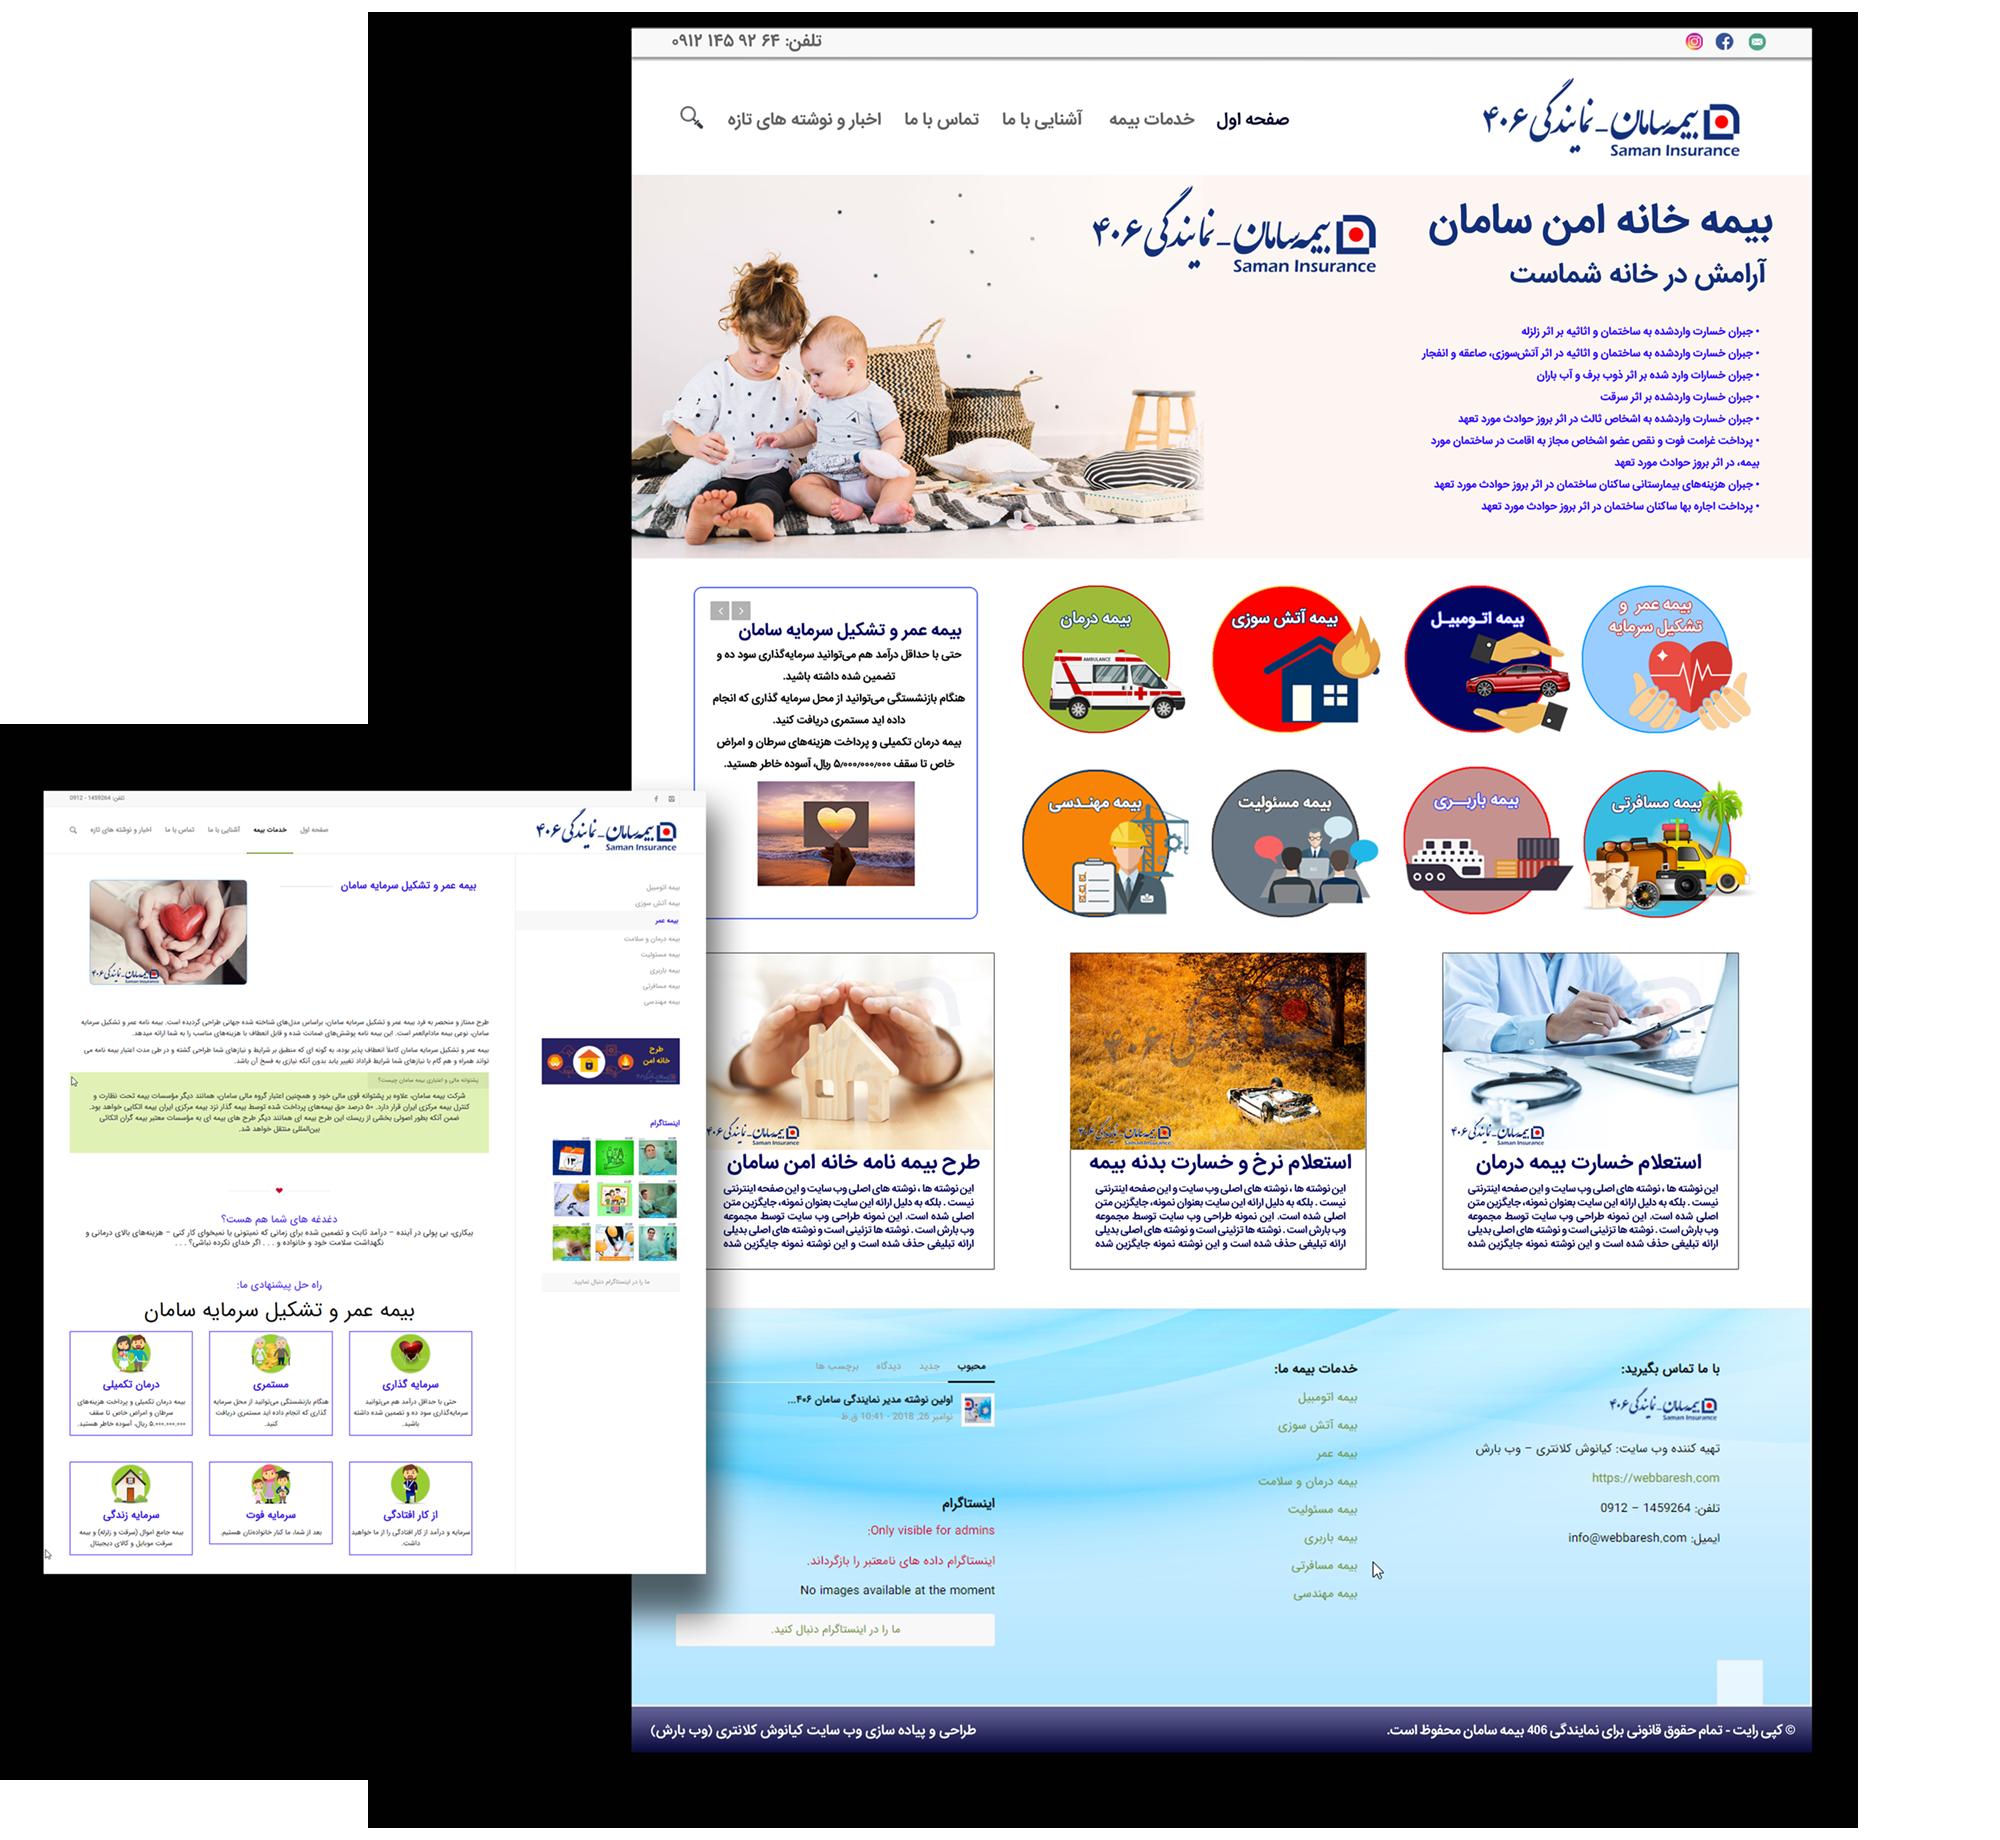 نمونه وب سایت بیمه - نمایندگی بیمه -طراحی و پیاده سازی توسط وبسایت وب بارش - کیانوش کلانتری